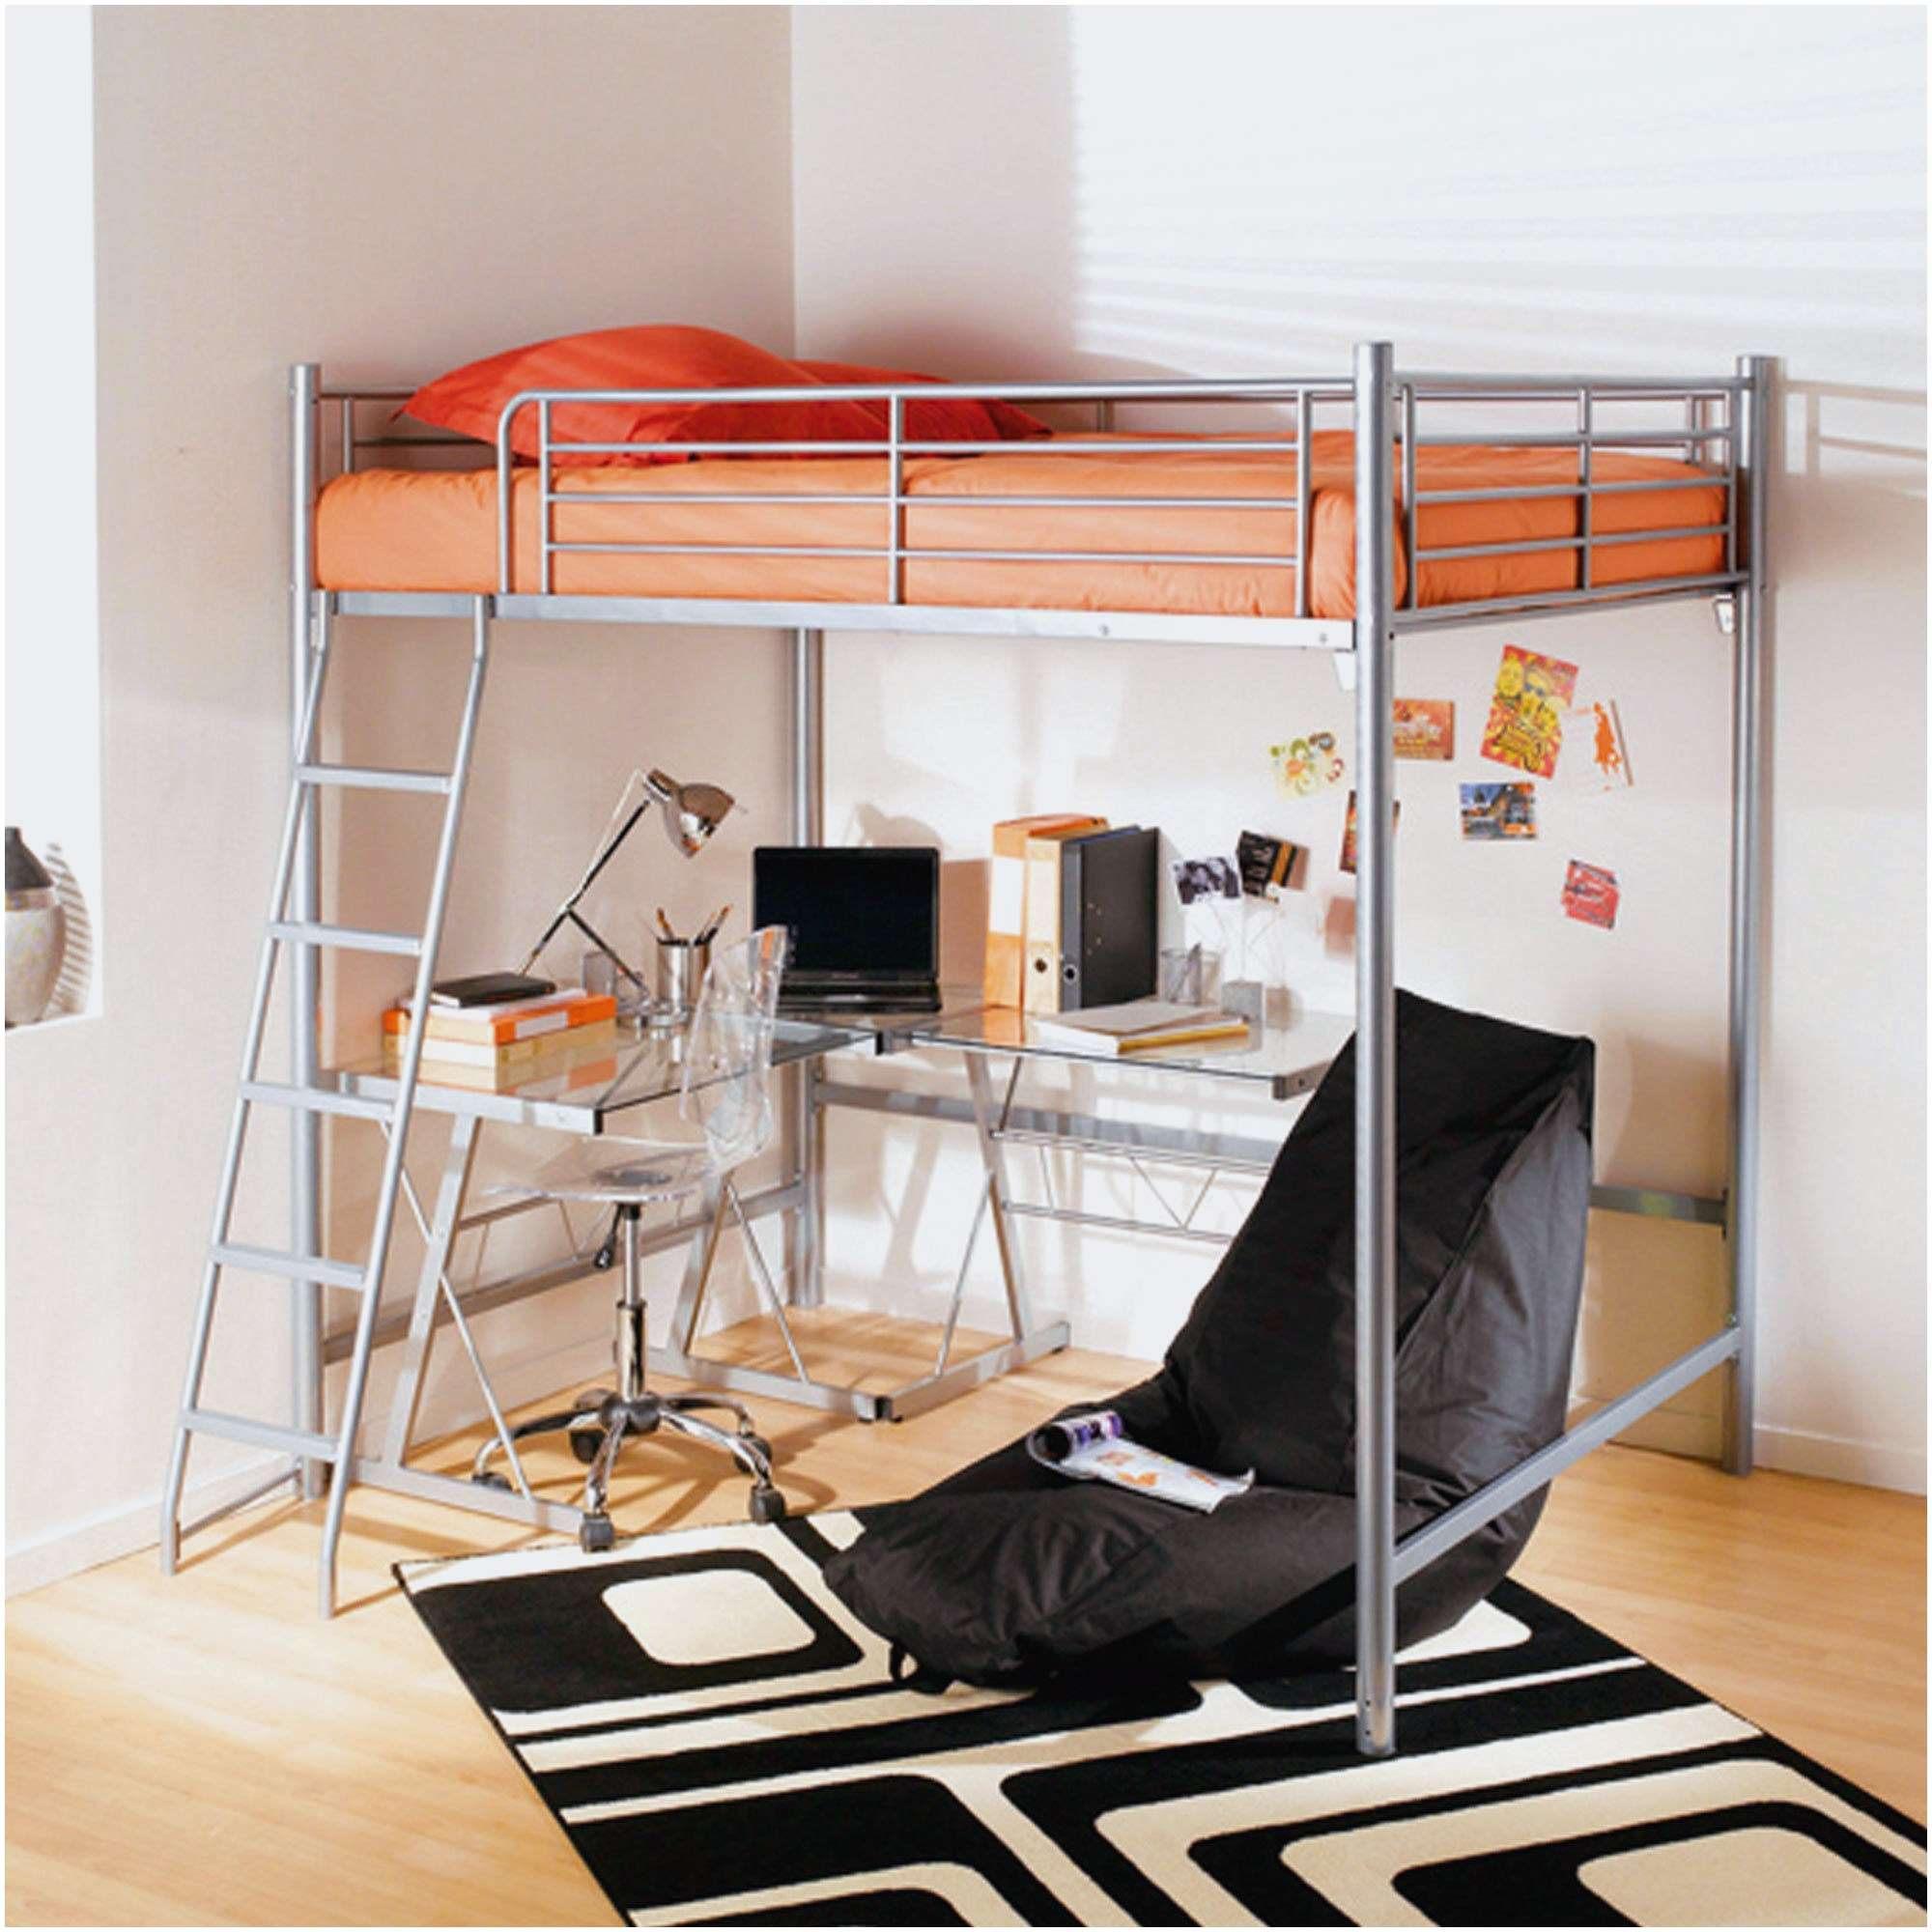 Lit Superposé 3 Places Meilleur De Frais Lit Mezzanine Ikea 2 Places Pour Alternative Lit Superposé